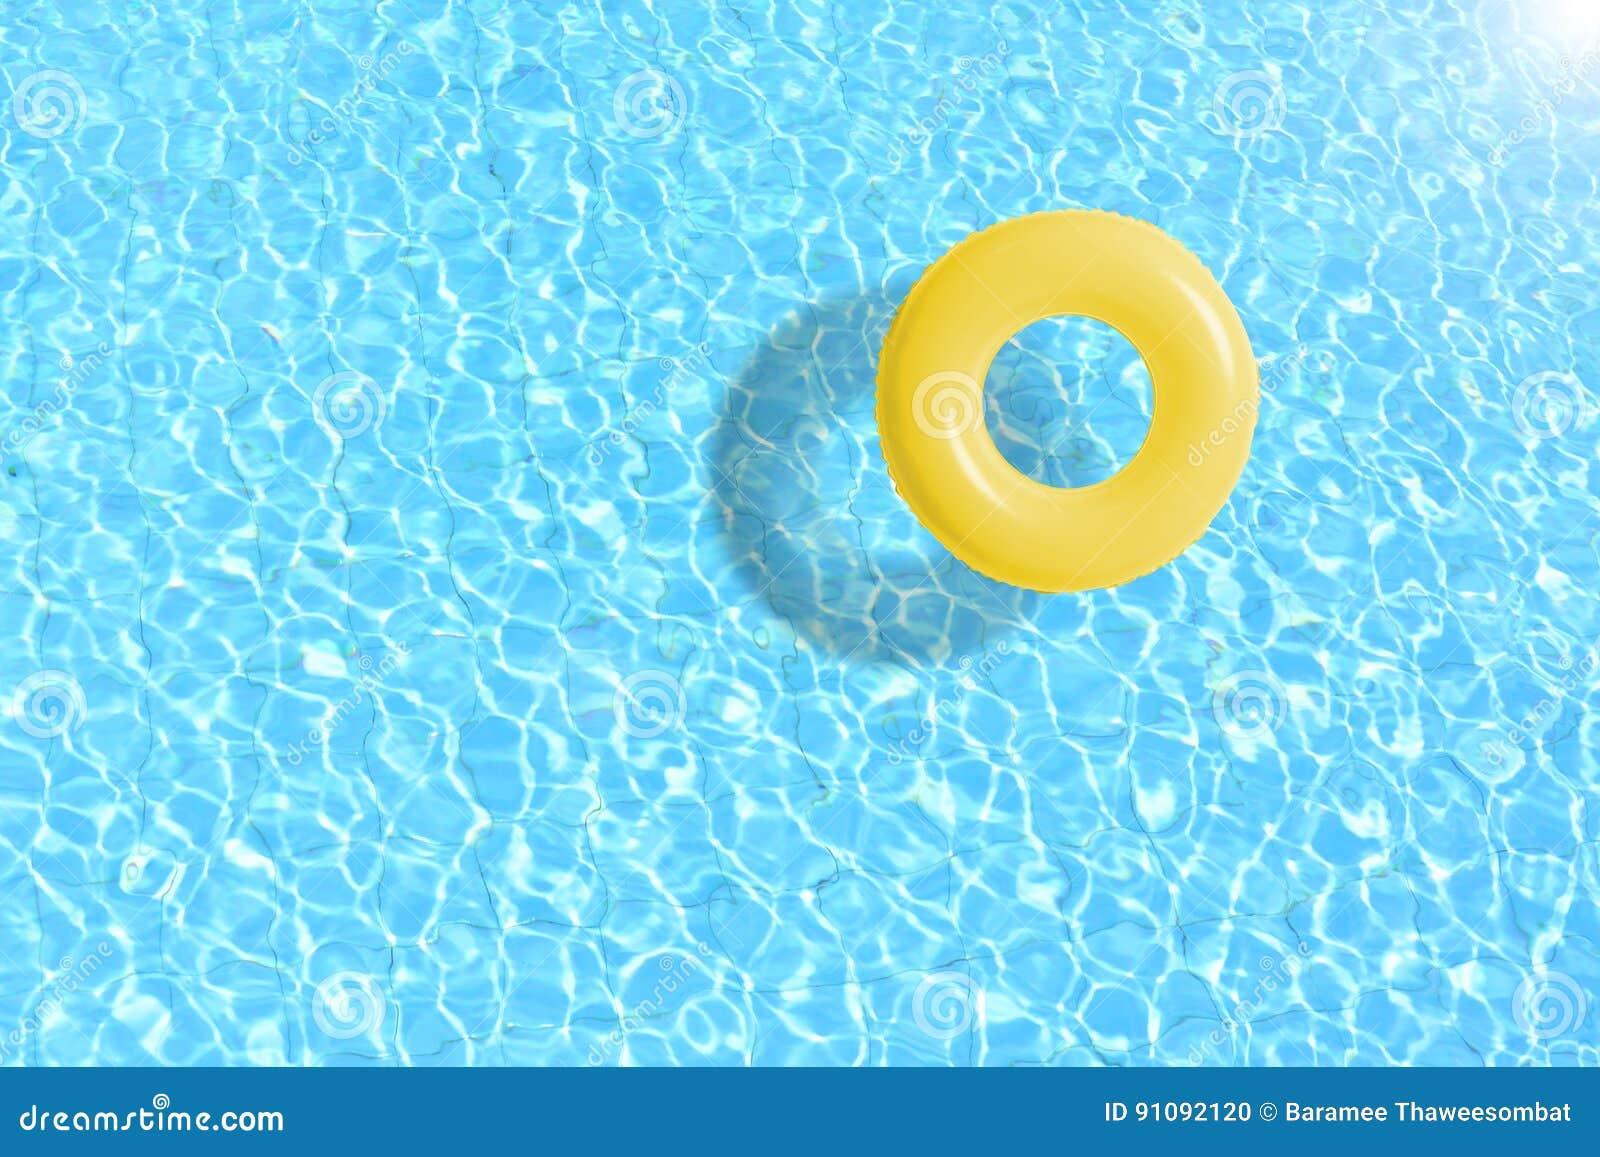 De gele vlotter van de zwembadring in blauw water